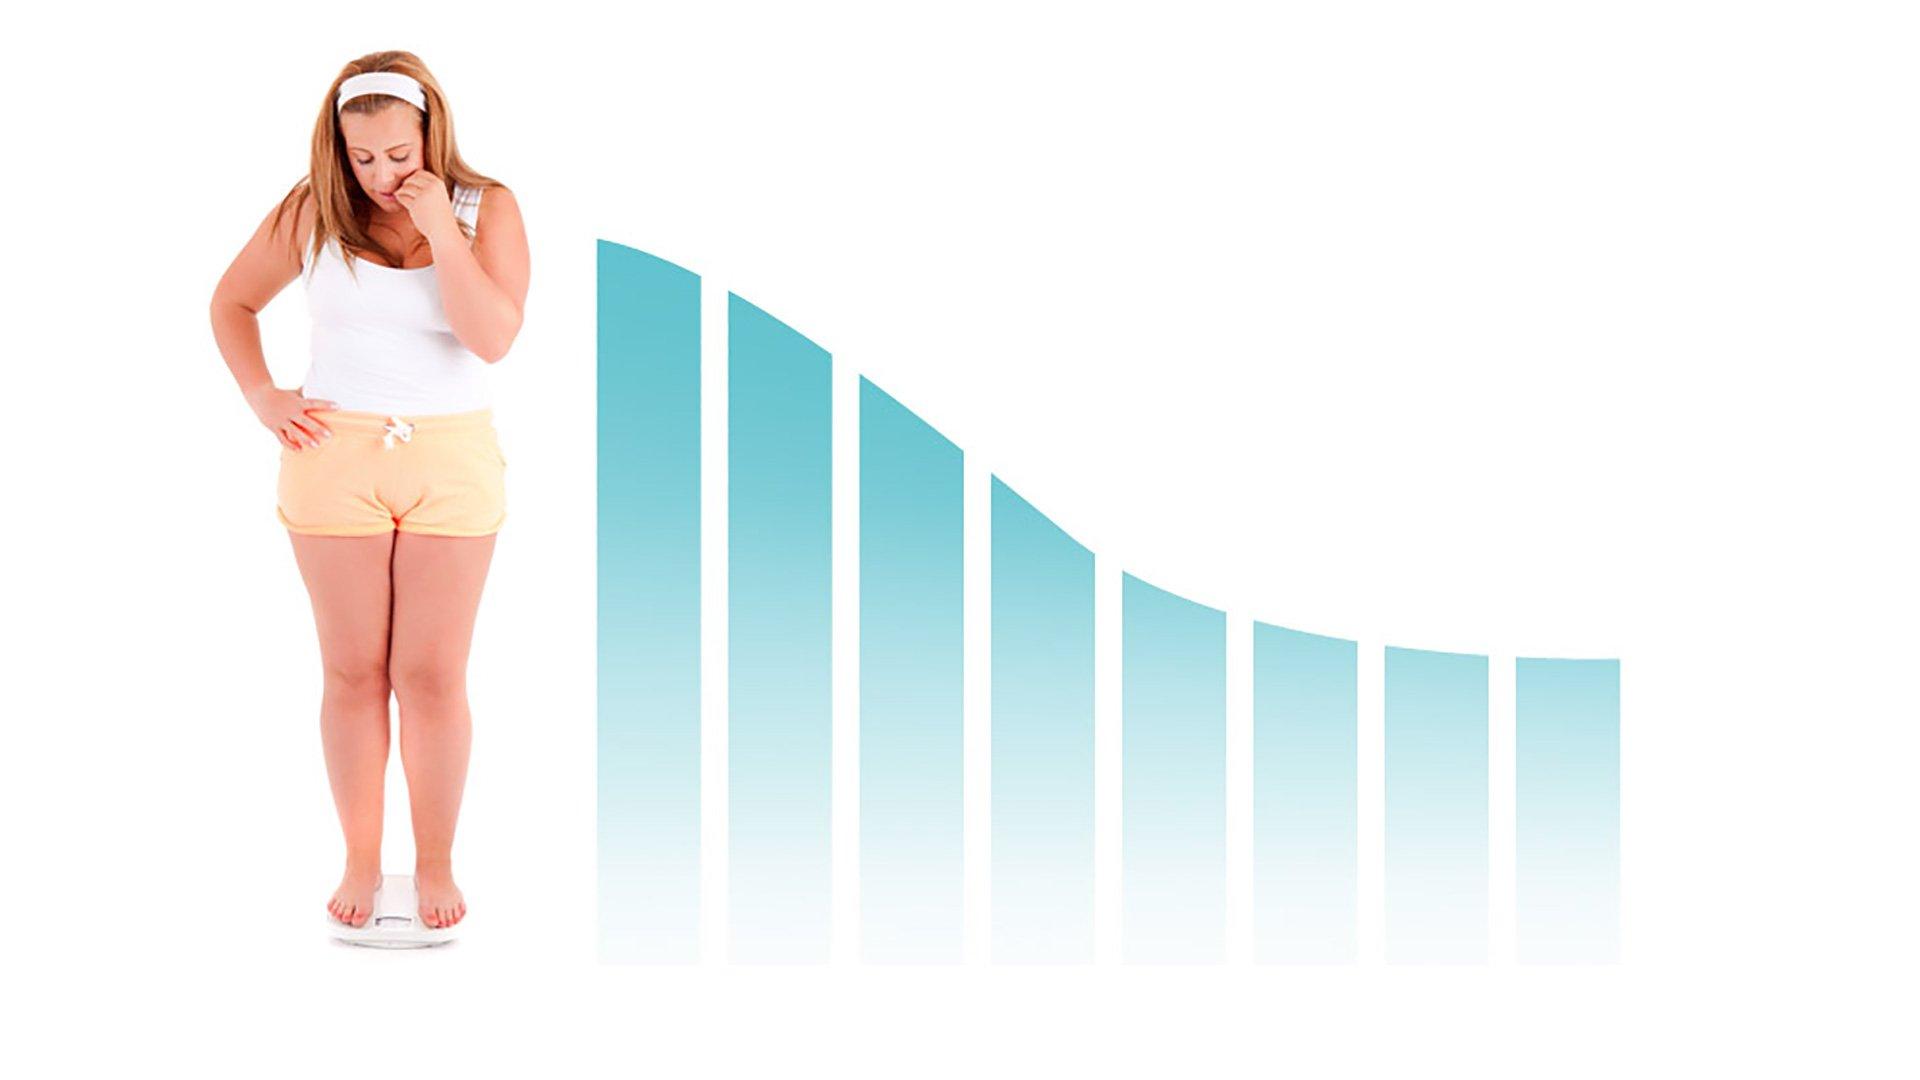 quali problemi di salute causano sovrappeso e obesità